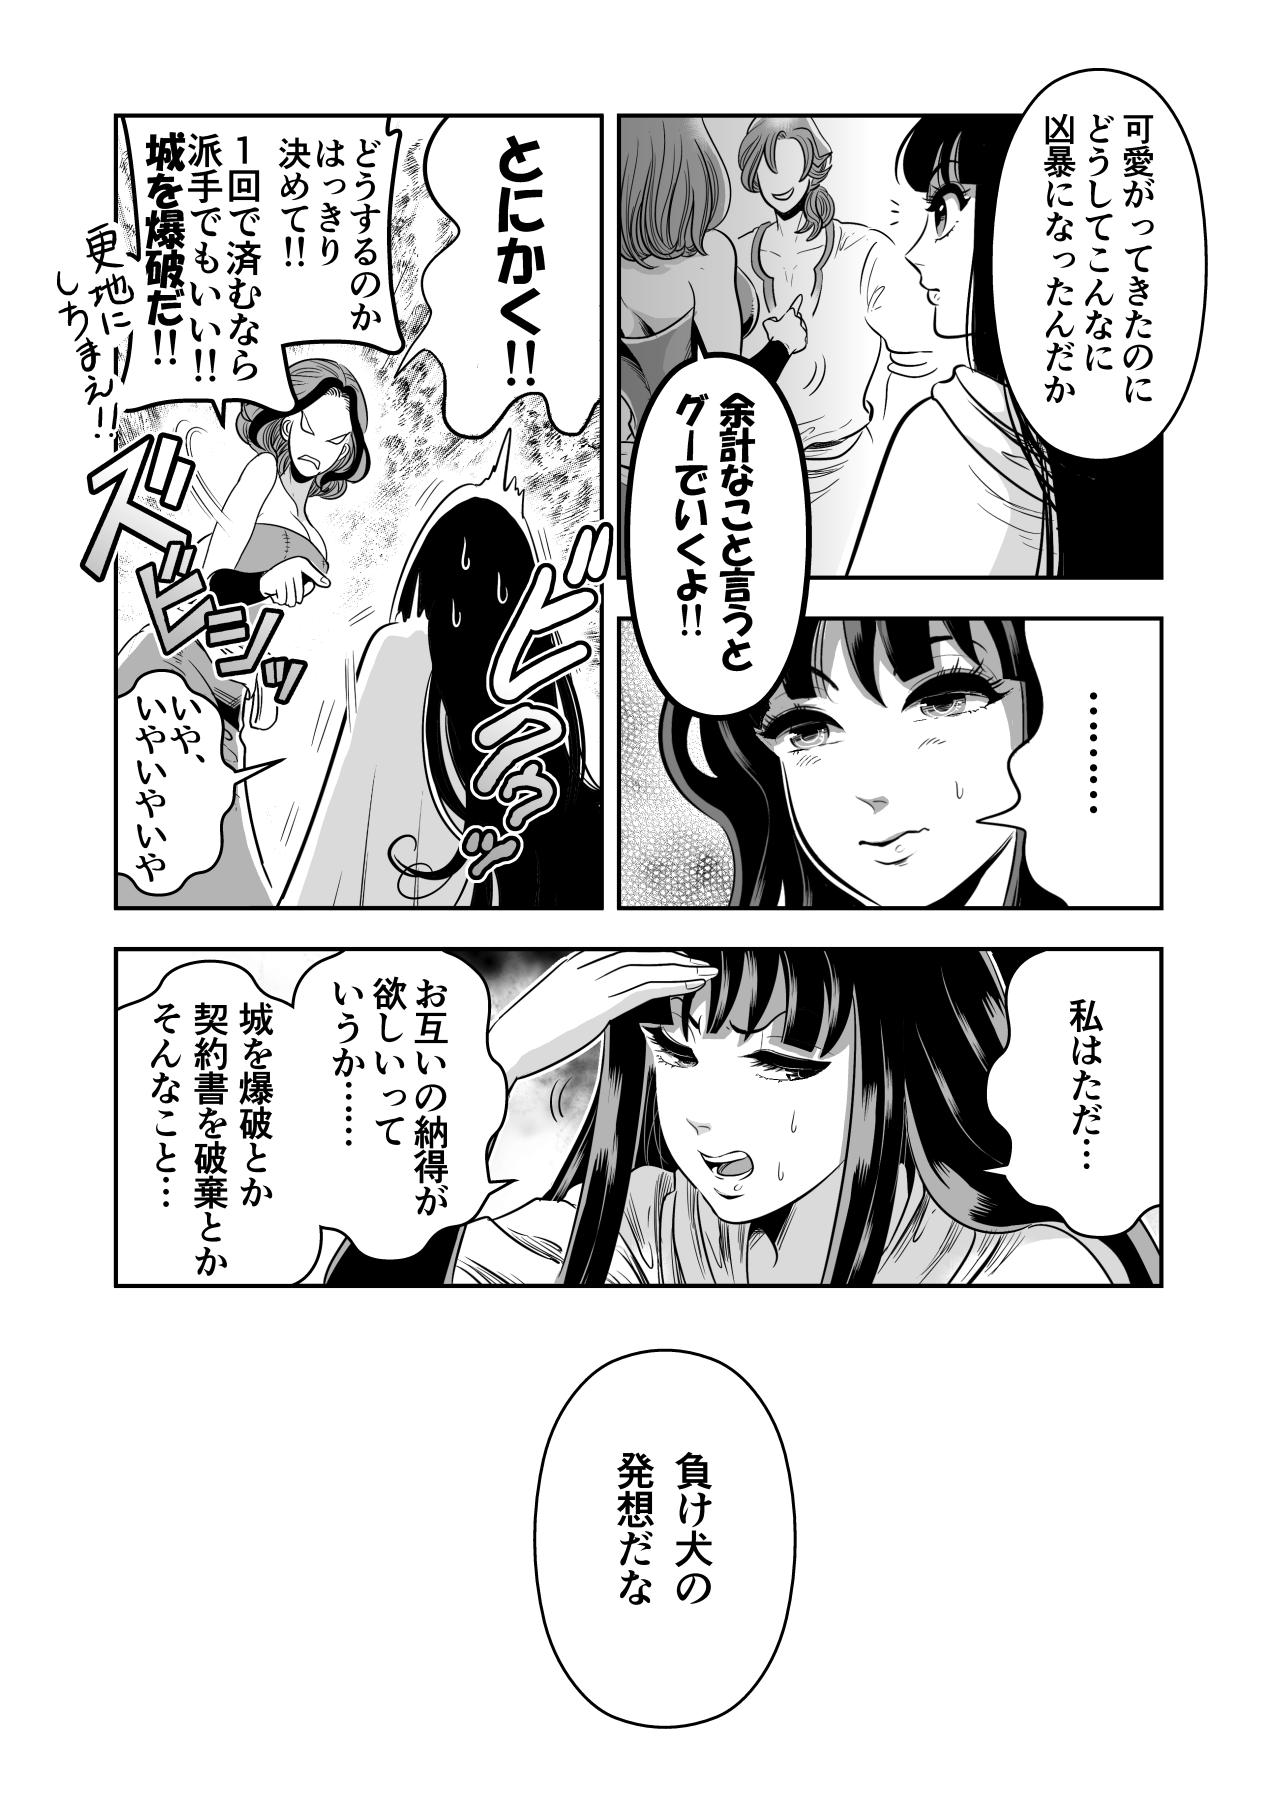 ヤサグレ魔女と第1王子と吸血鬼①0038